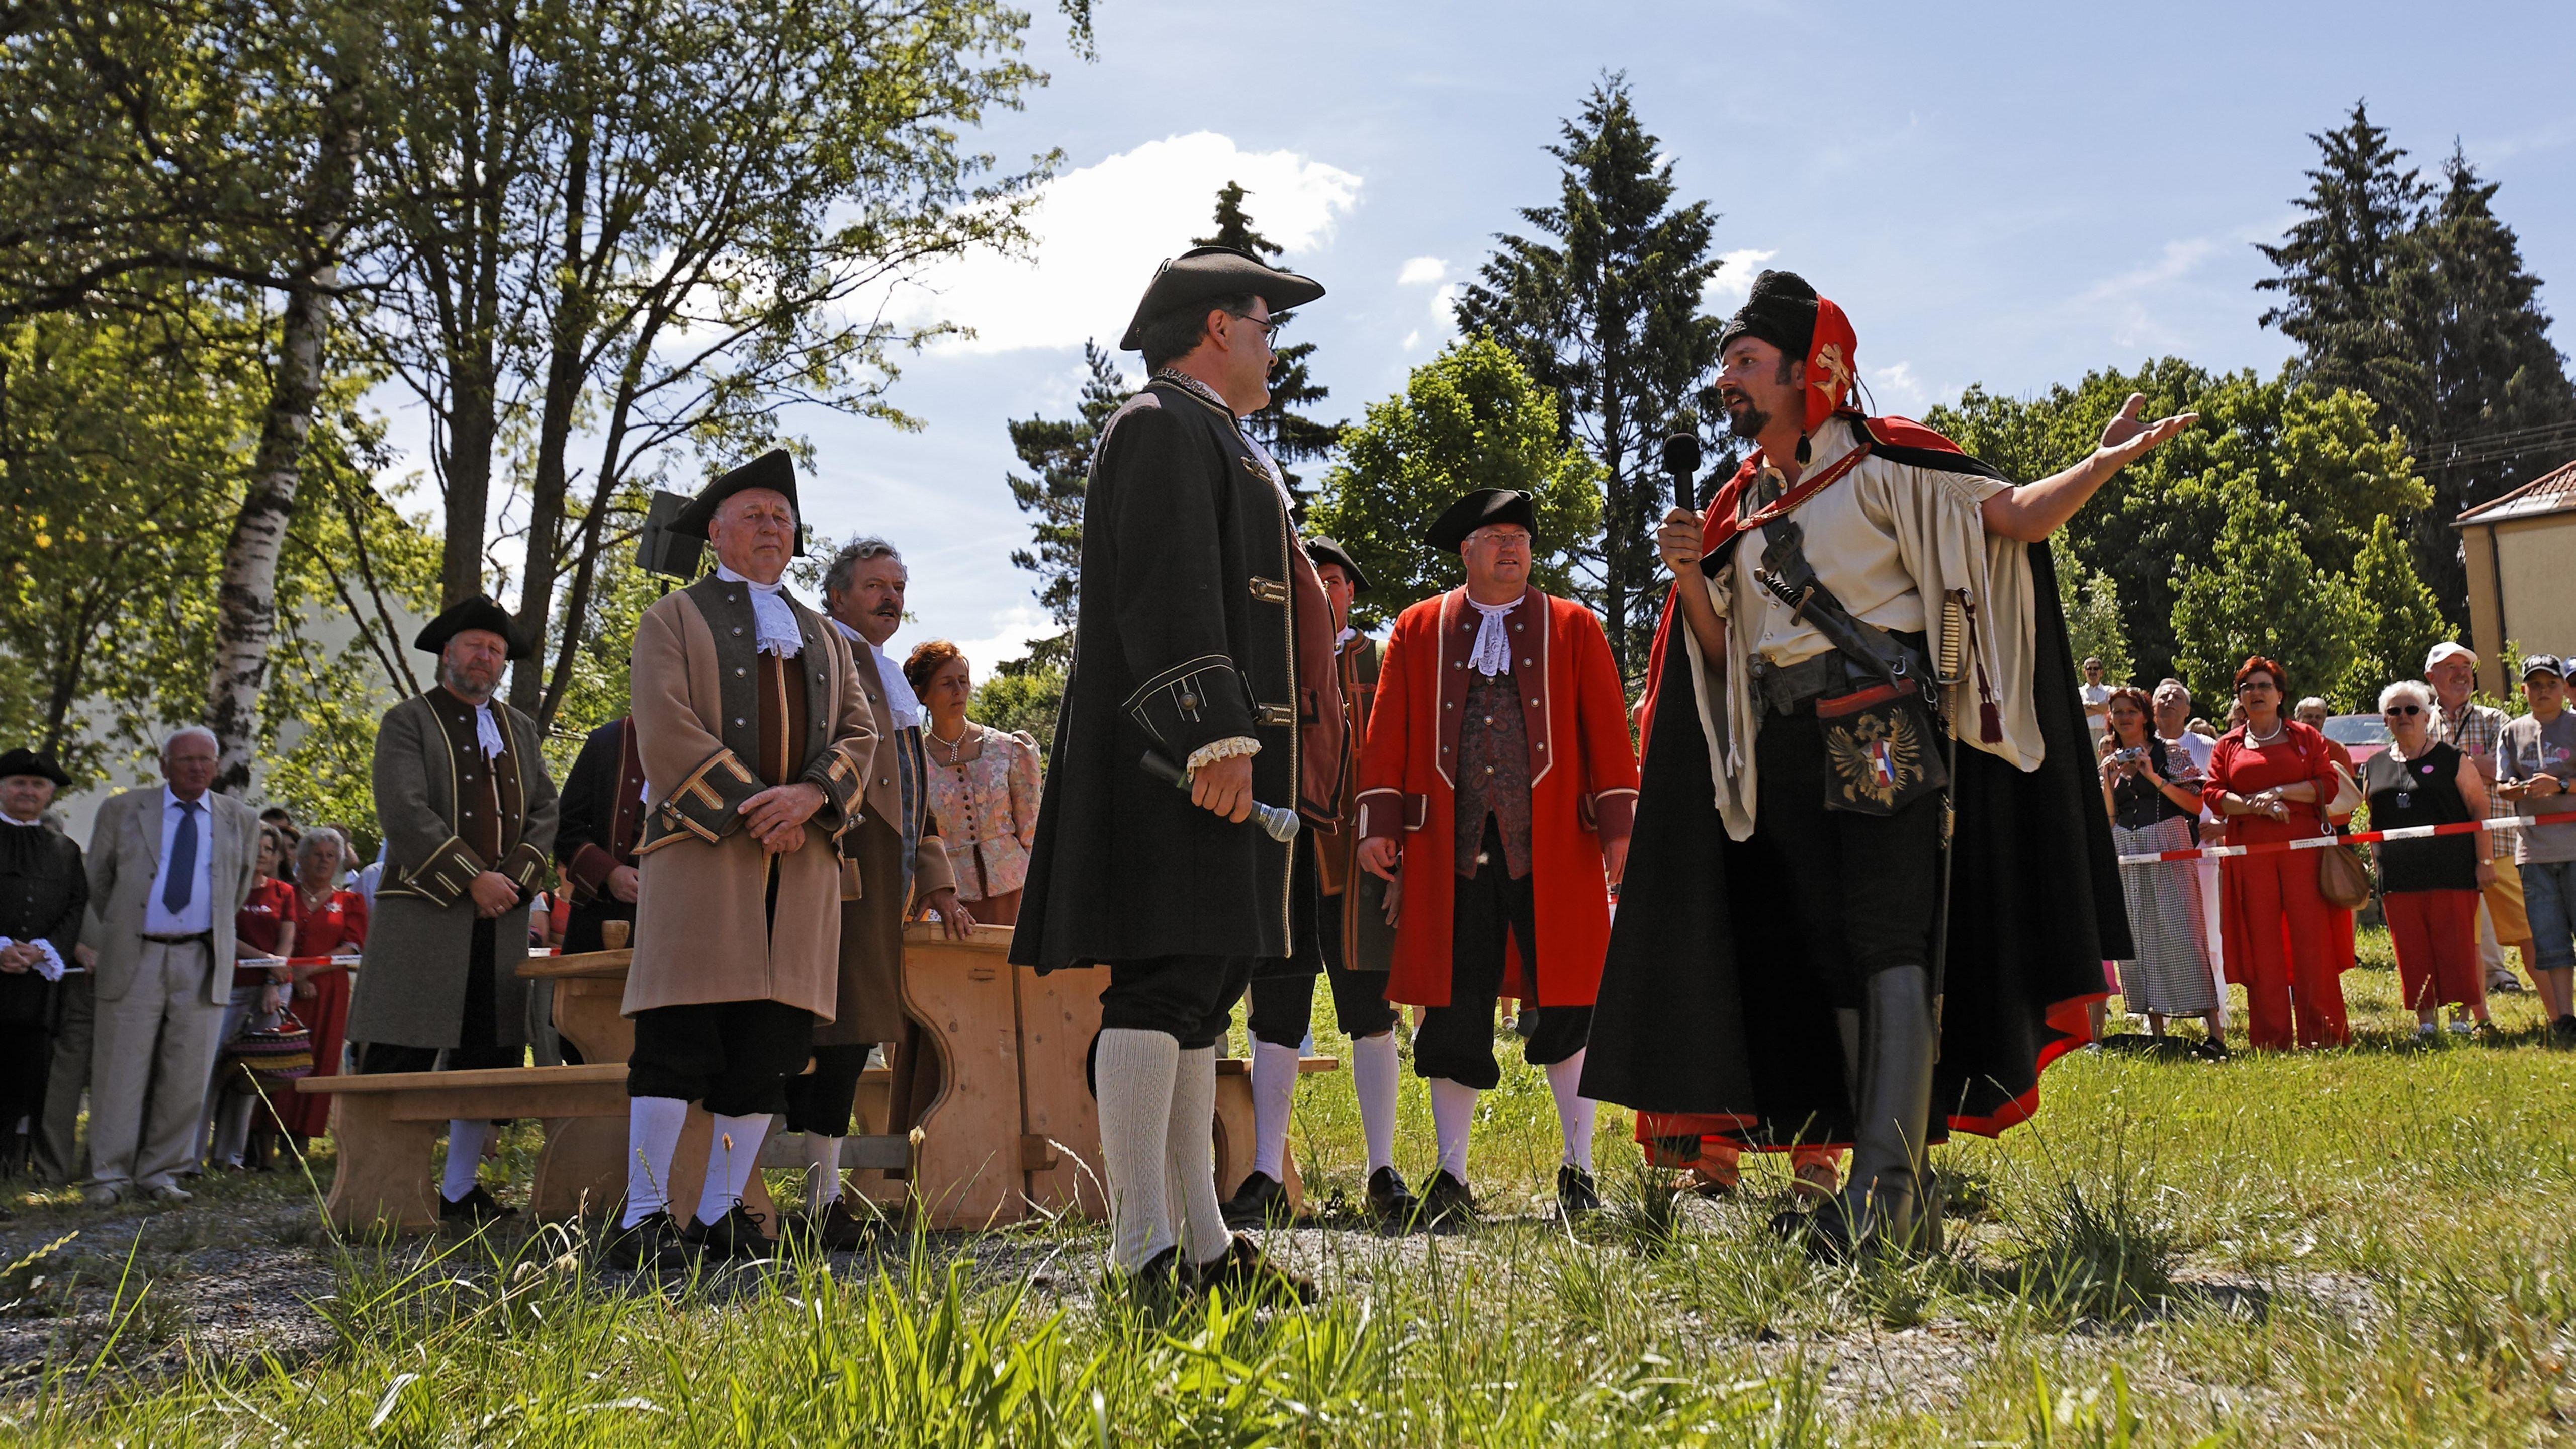 Das historische Pandurenfest in Spiegelau im Bayerischen Wald findet nur alle zwei Jahre statt